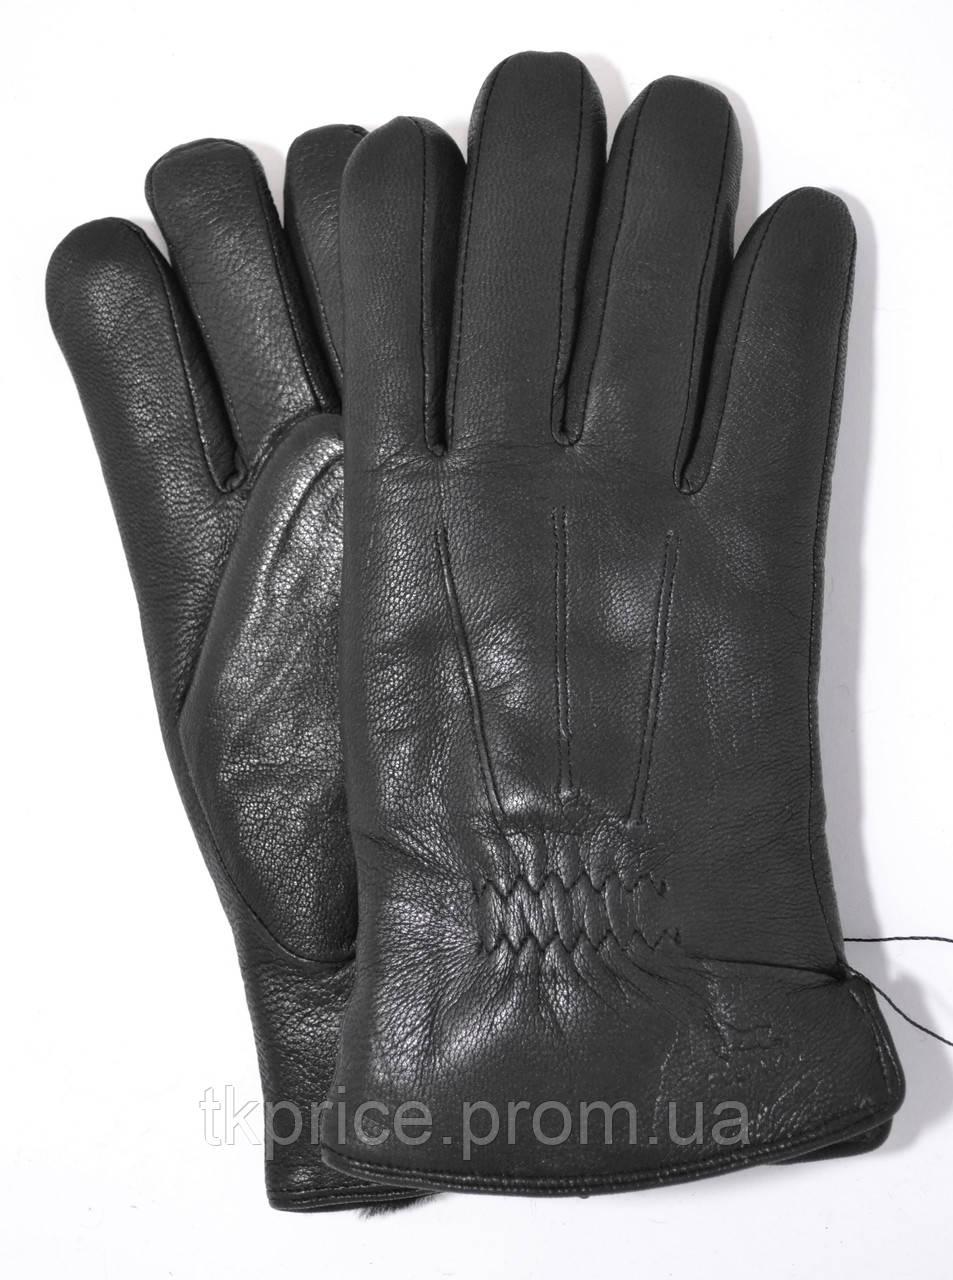 Мужские зимние перчатки из оленьей кожи на цигейке